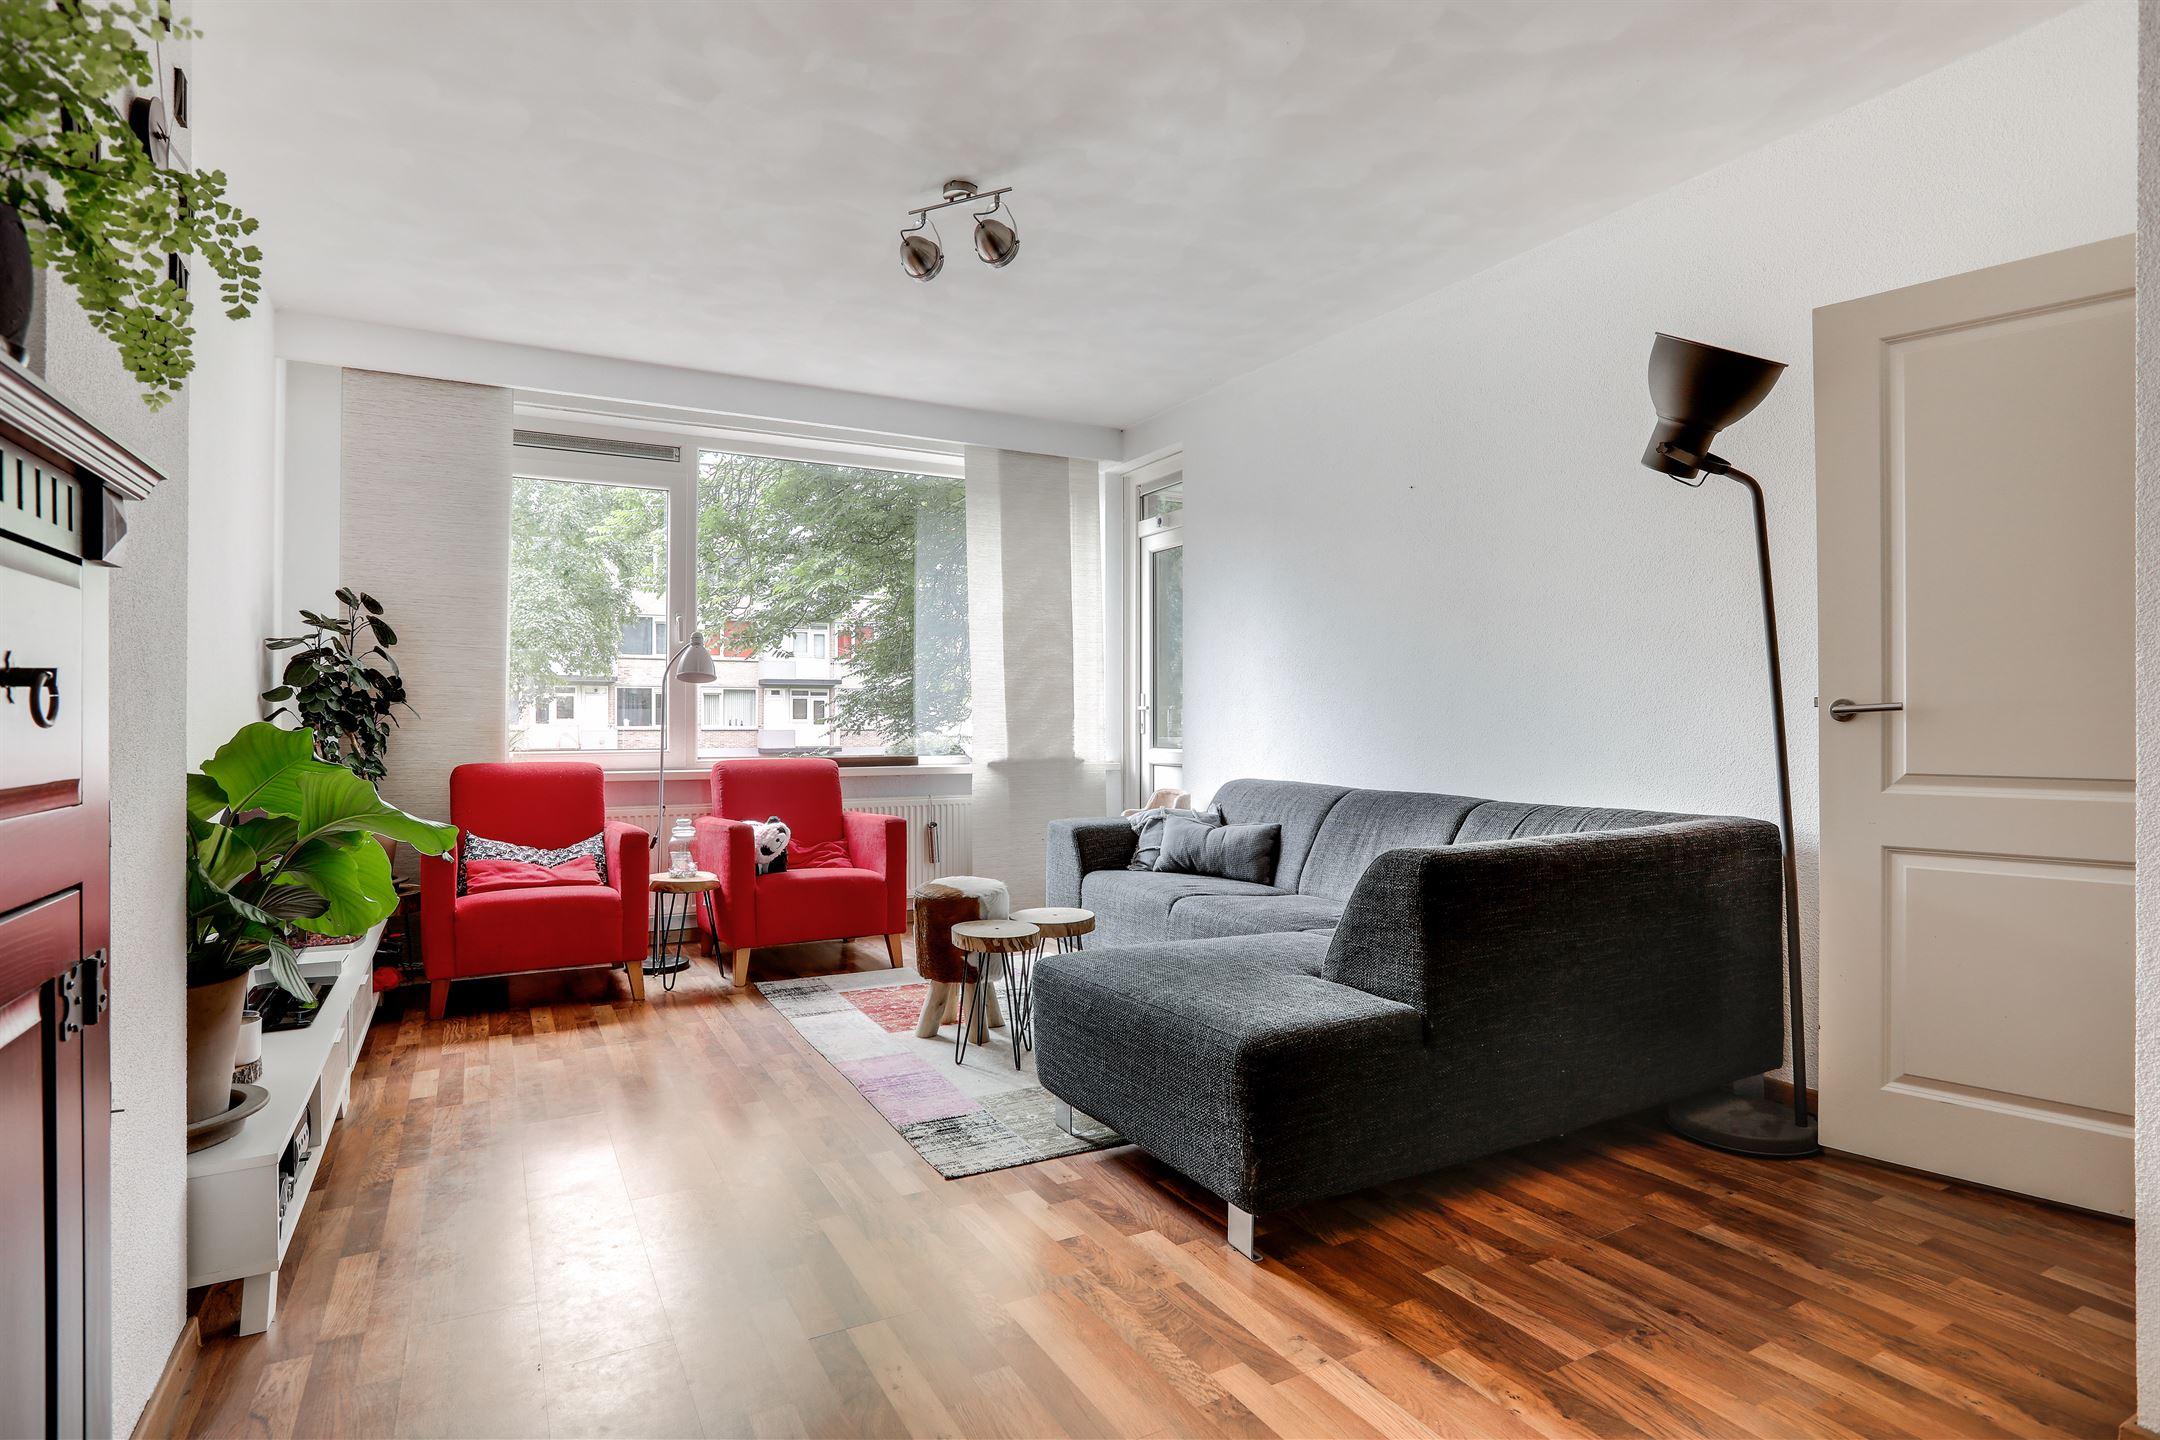 Verkocht: europalaan 89 5042 zd tilburg [funda]